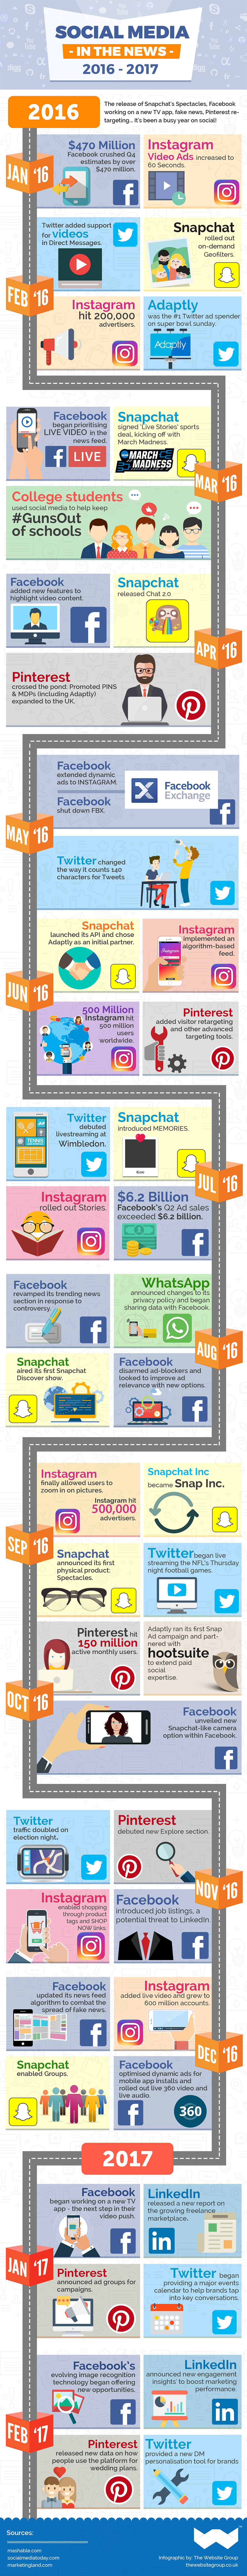 Social Media in the News 2016 - 2017